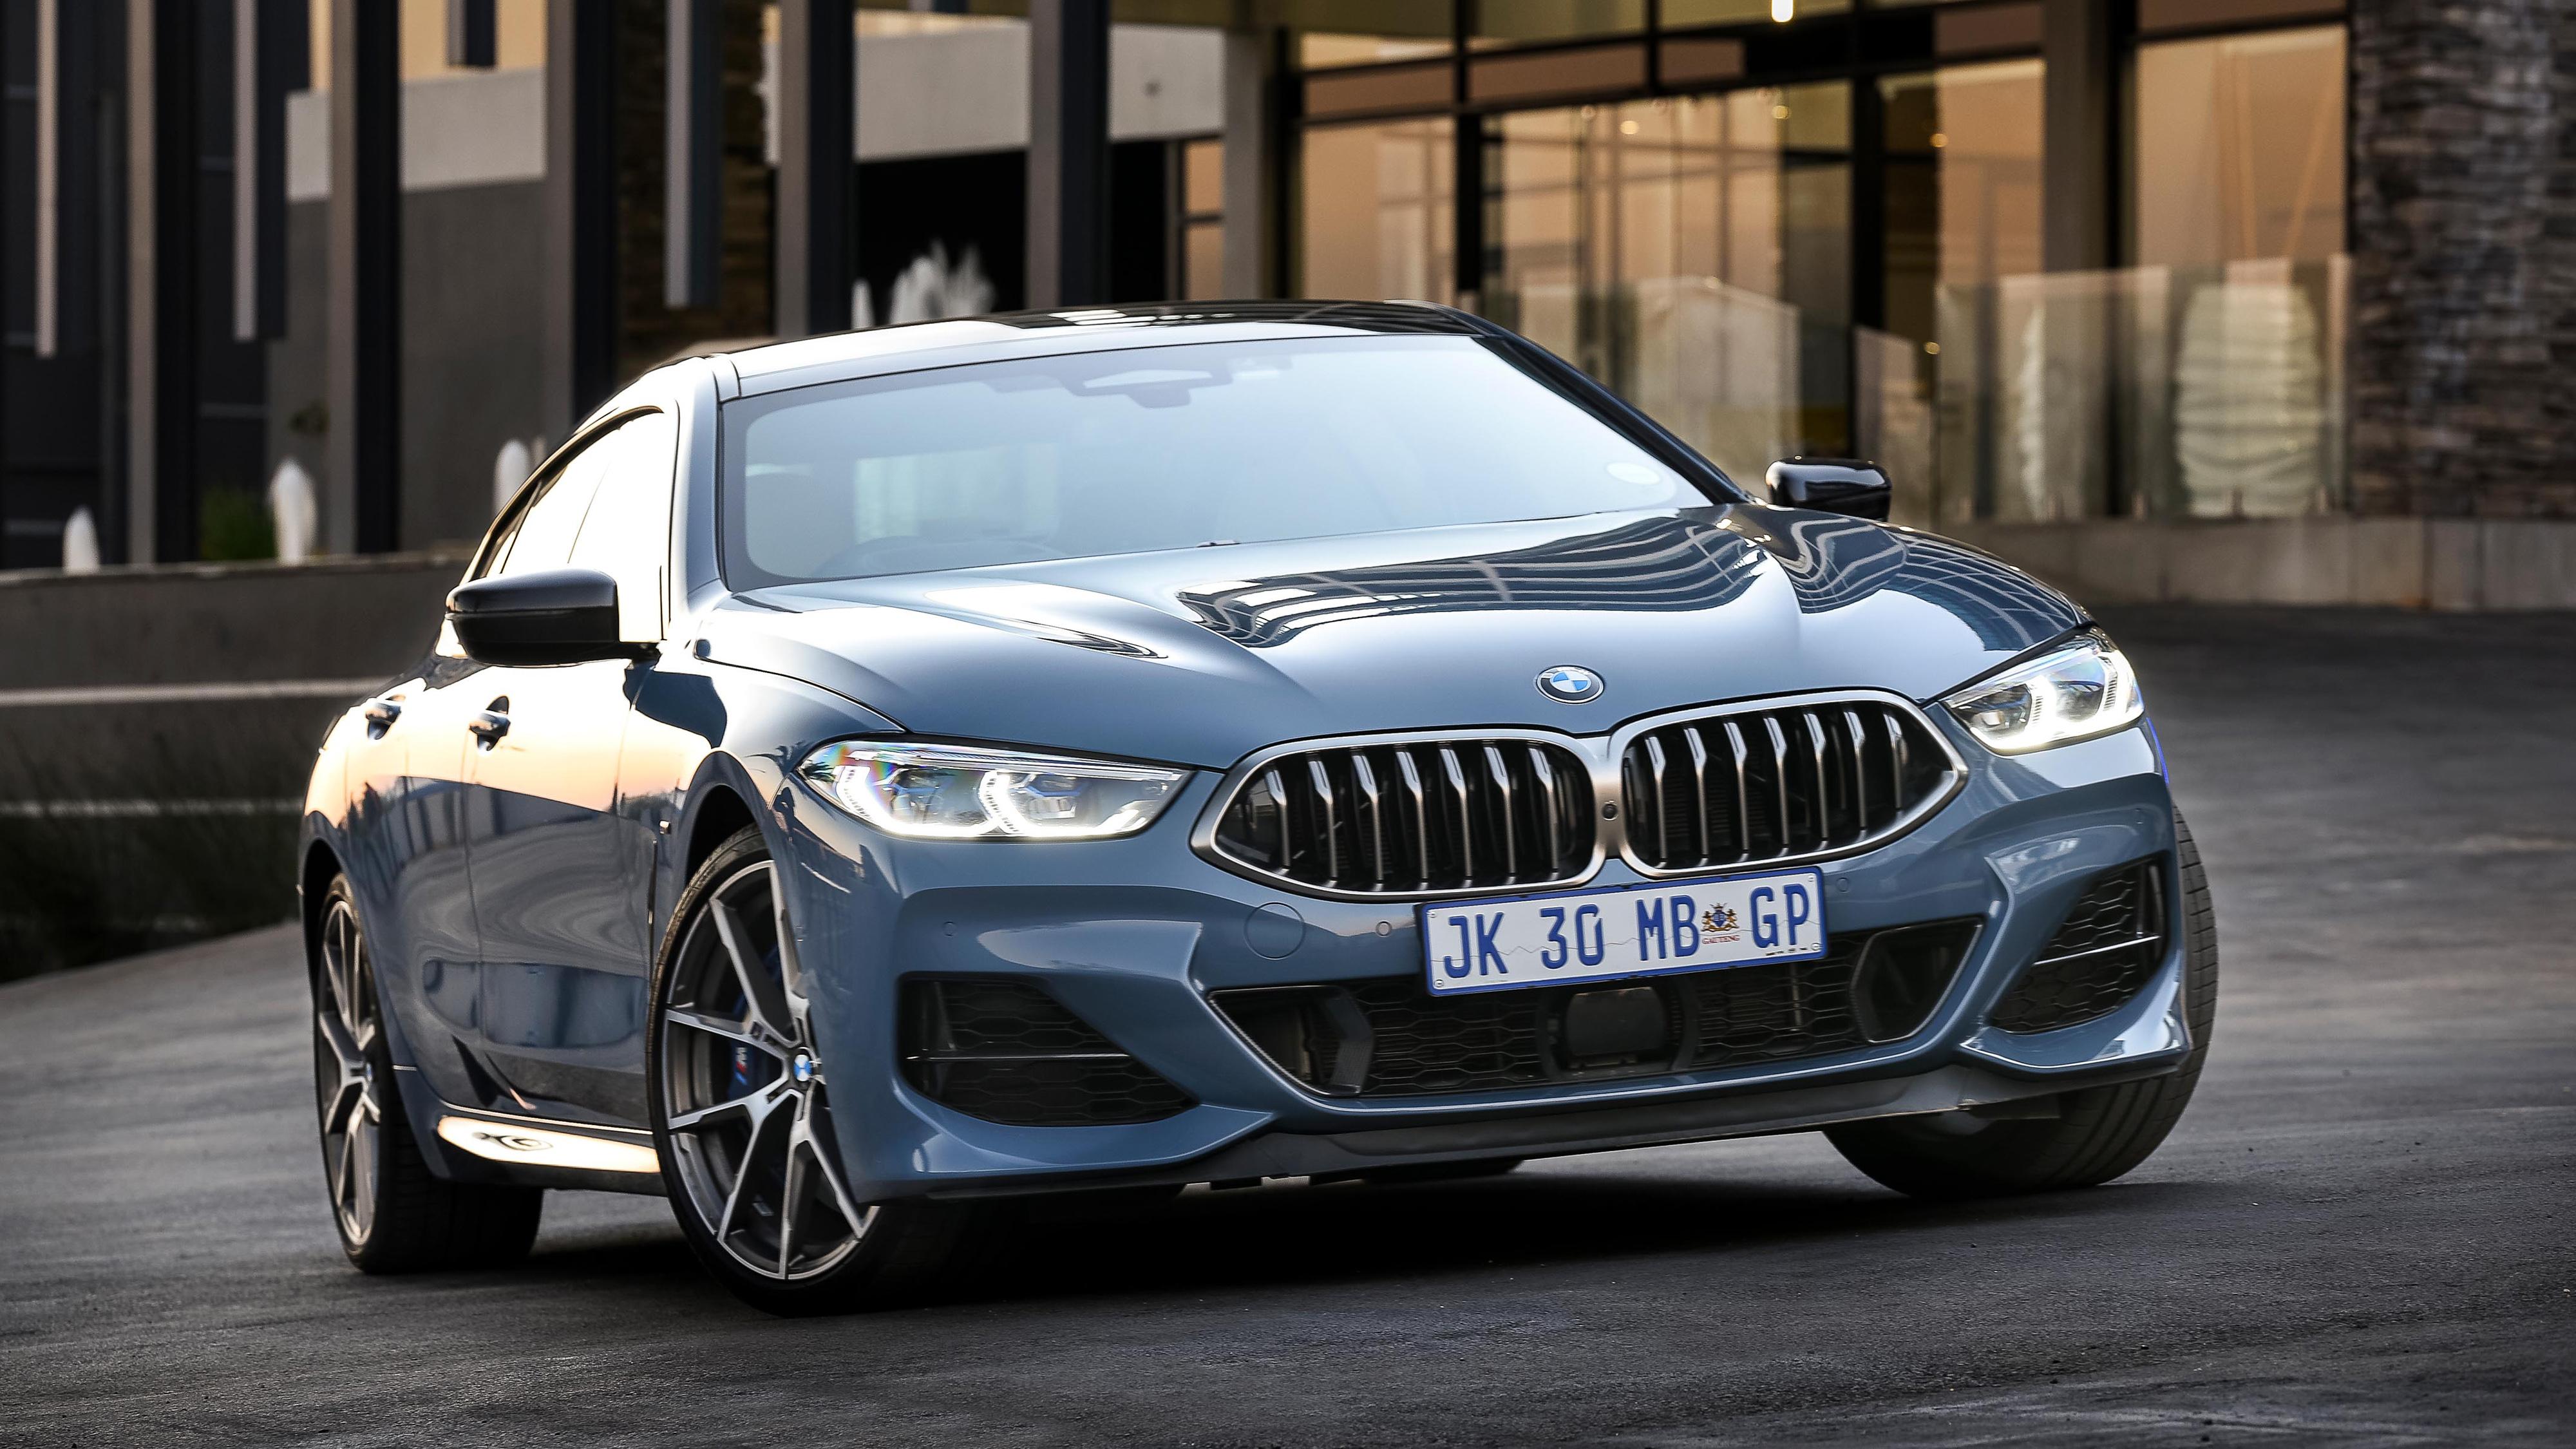 BMW M850i xDrive Gran Coupé 2020 4K Wallpaper | HD Car ...